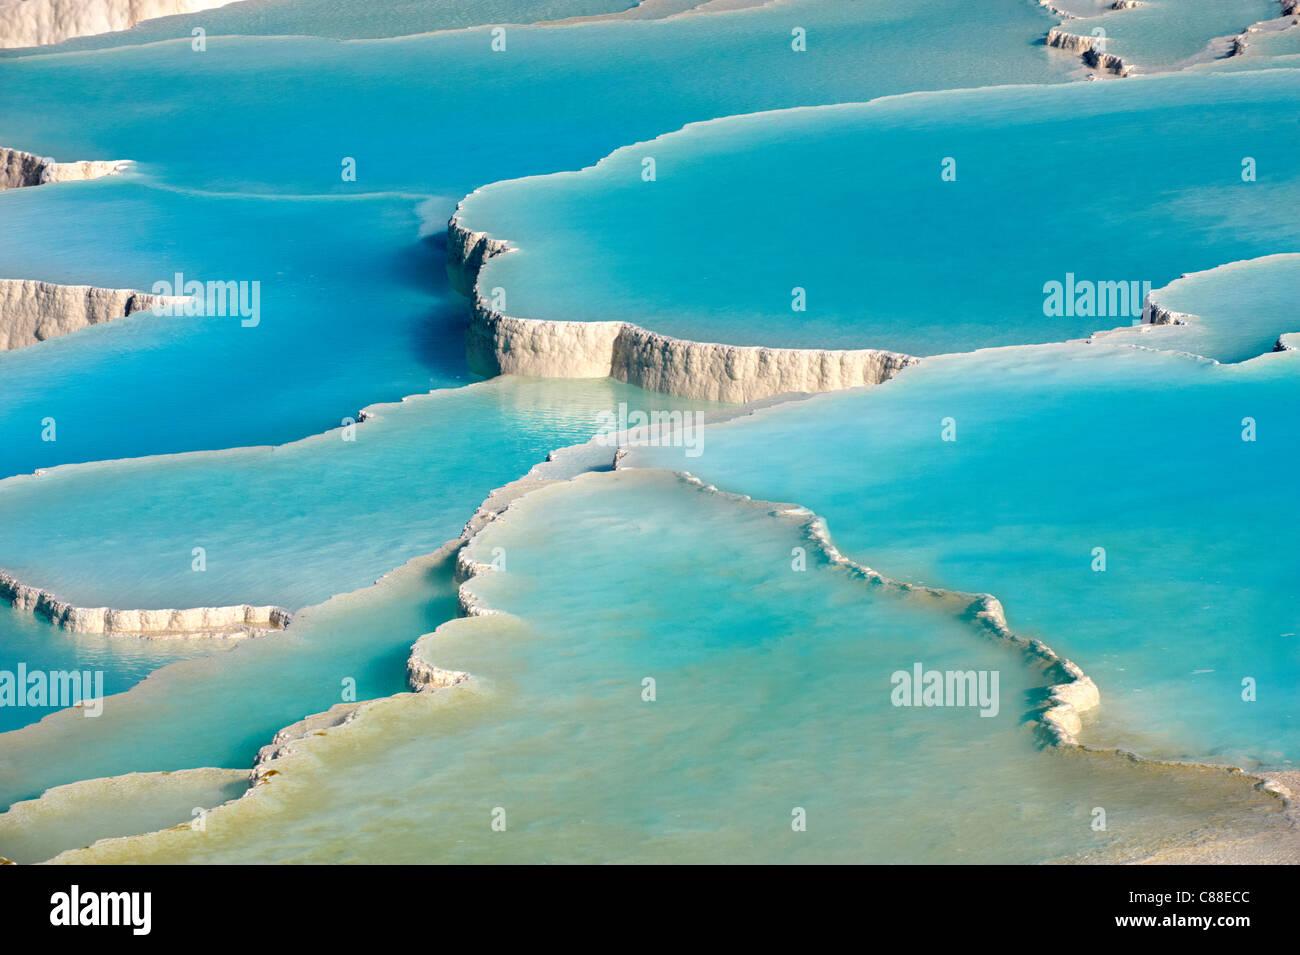 Pamukkale Travetine Terrasse Wasserkaskaden, bestehend aus weißen Calciumcarbonat Felsformationen, Pamukkale, Stockbild